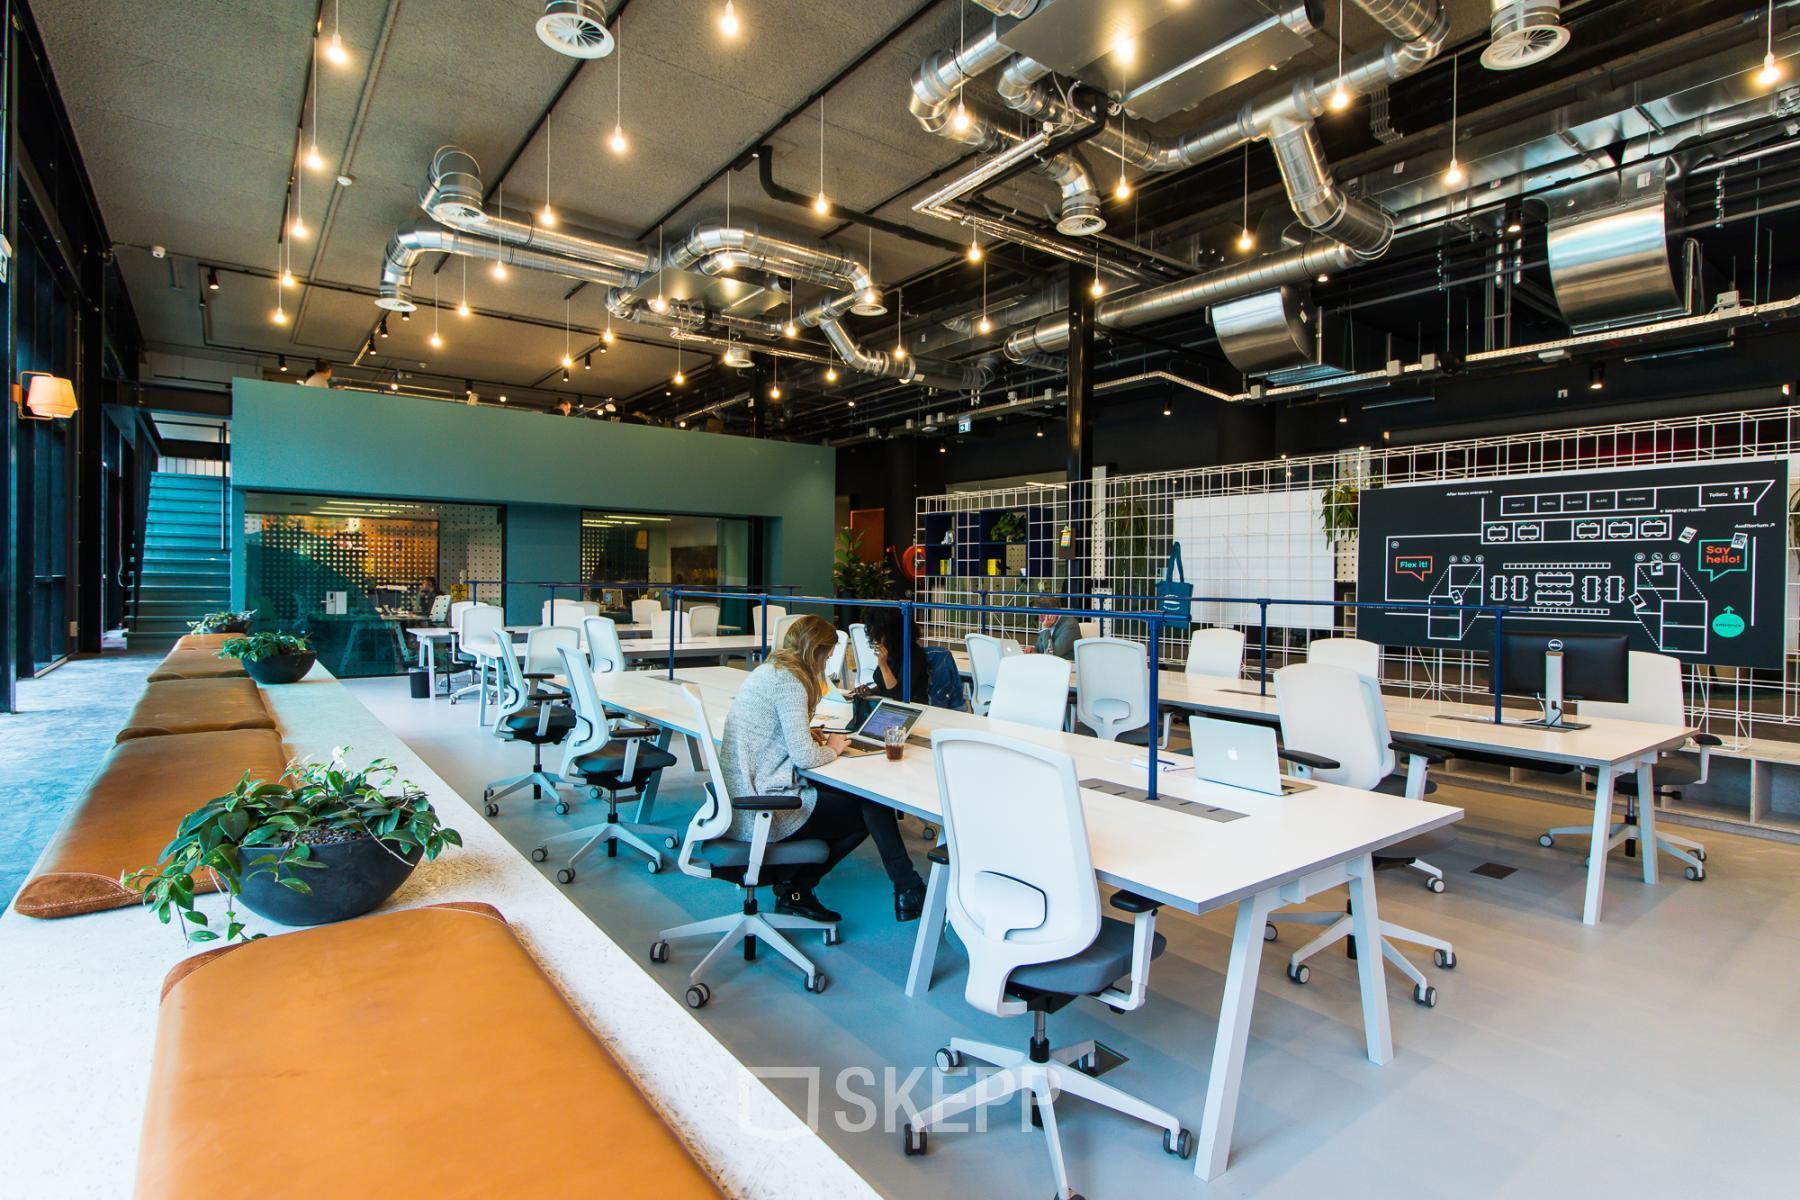 Tipps und Hinweise für die richtige Beleuchtung im Büro! SKEPP